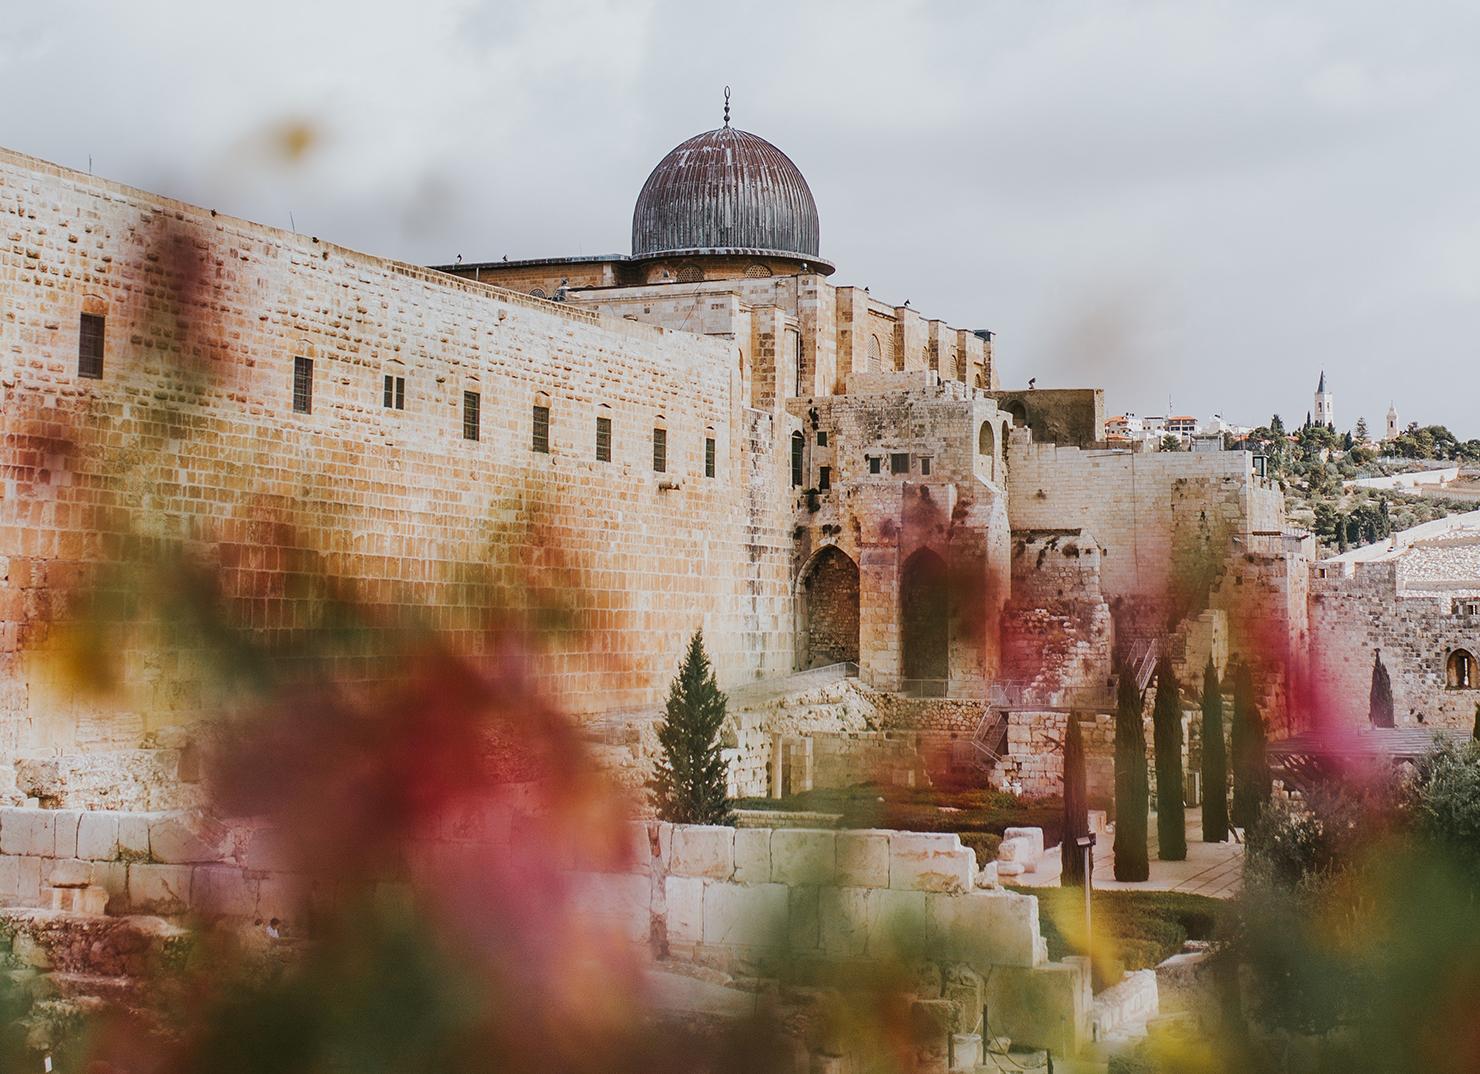 Vieille ville de Jérusalem (Mosquée Al-Aqsa)